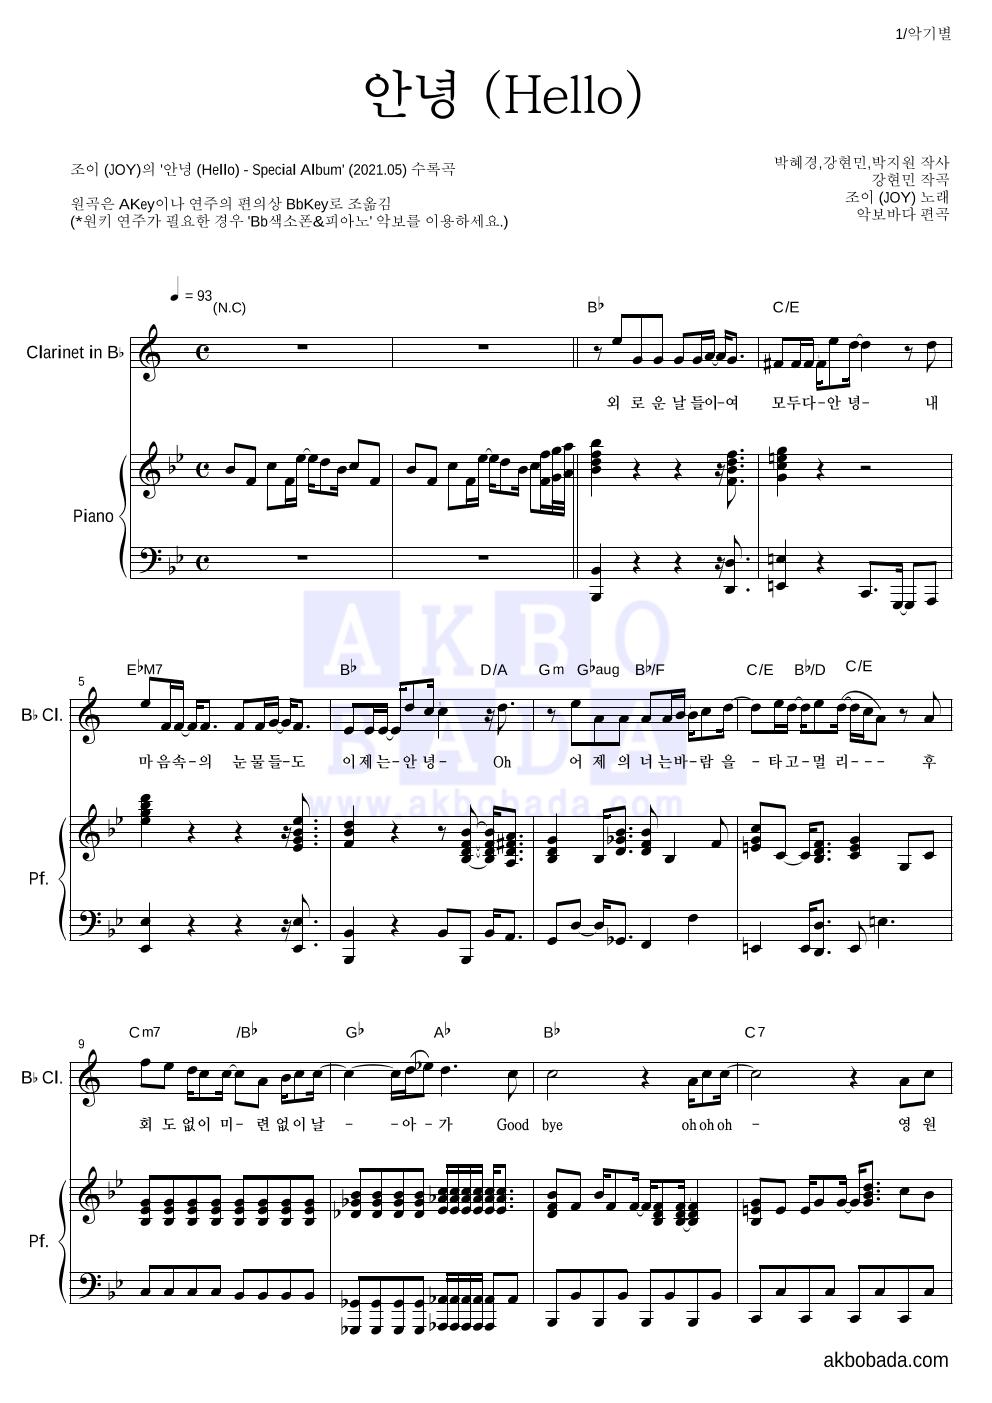 조이(JOY) - 안녕 (Hello) 클라리넷&피아노 악보